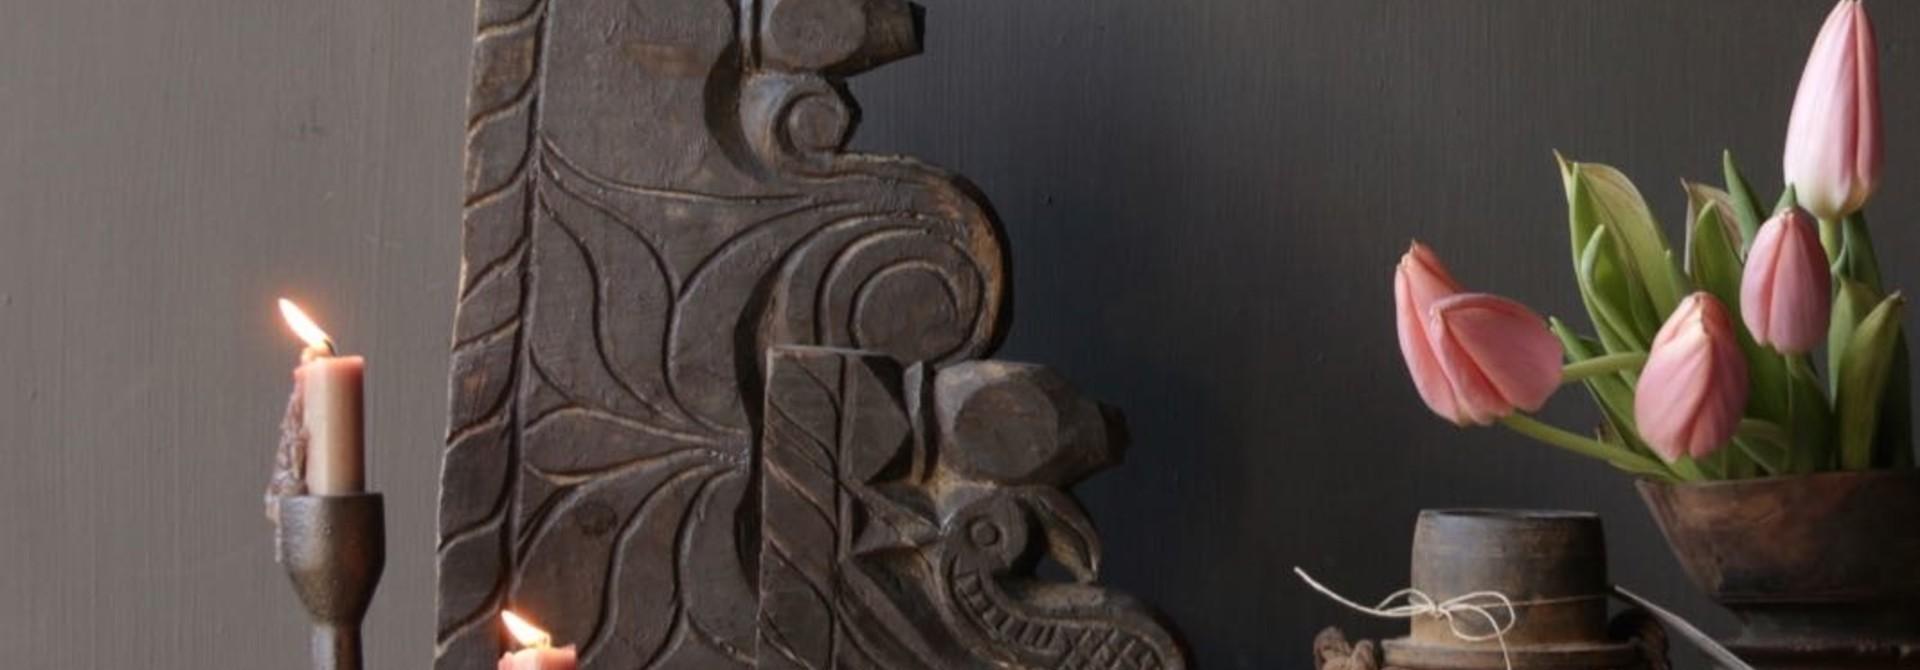 alte Holzverzierung auf Eisenbasis